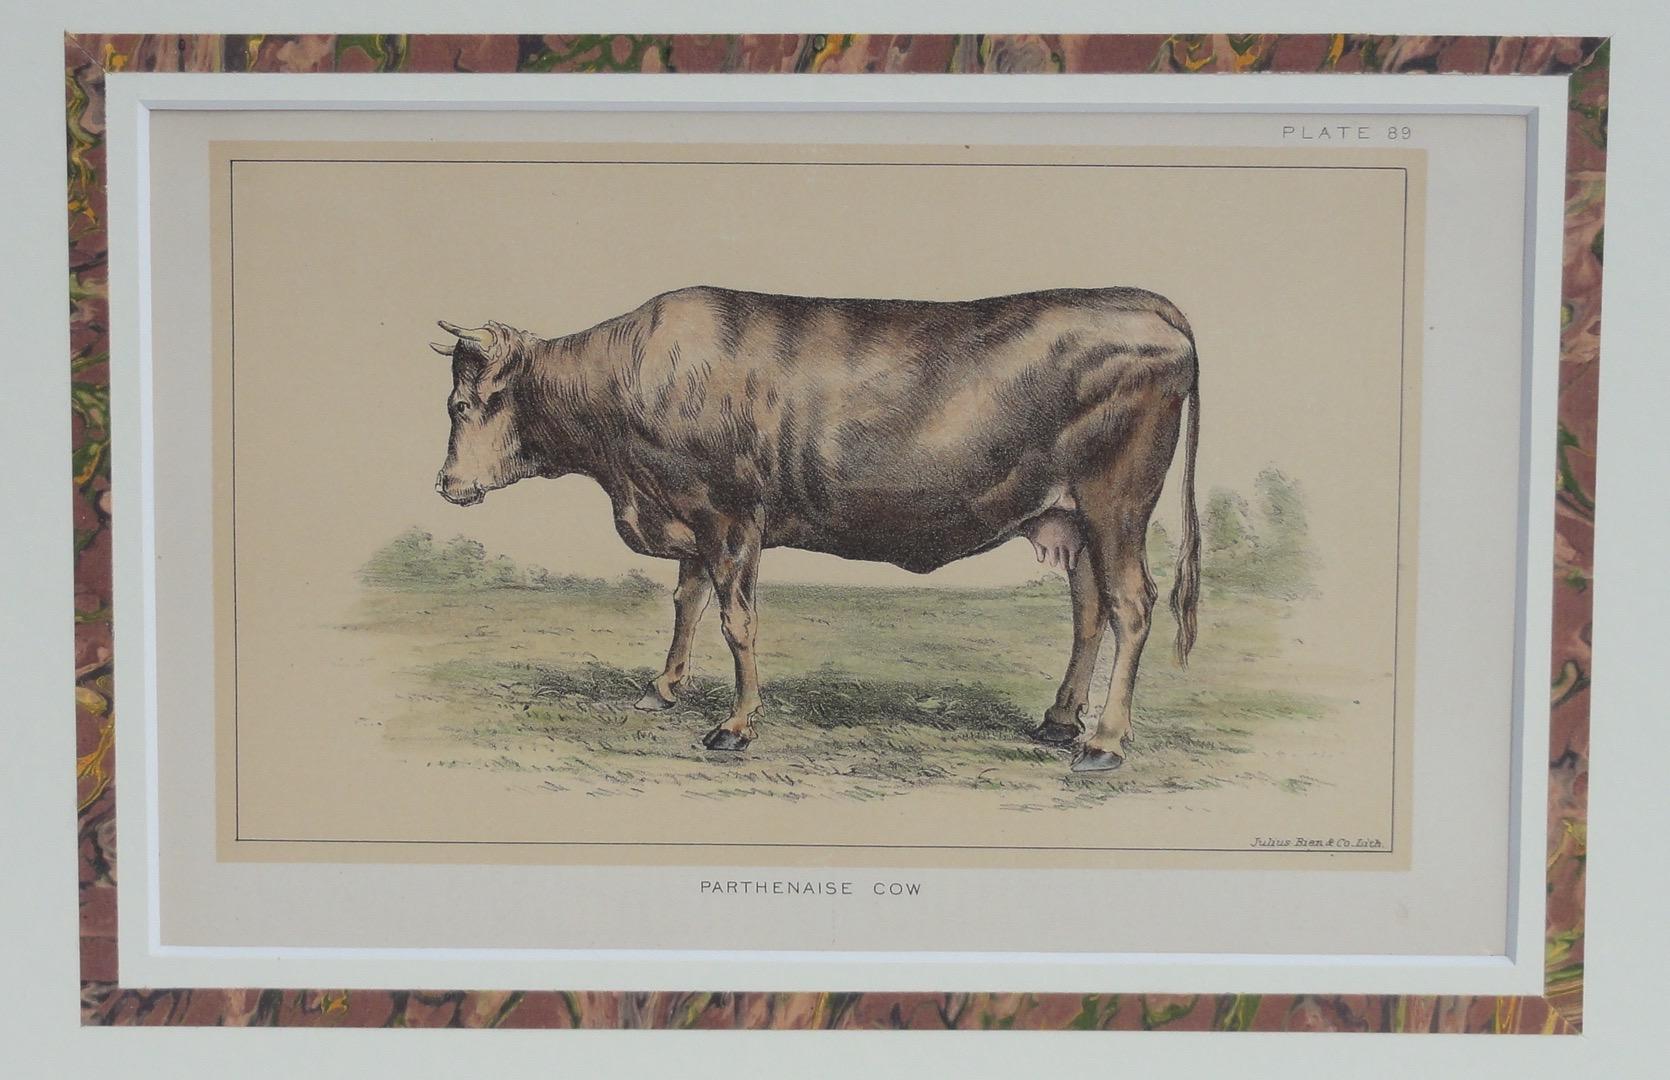 Parthenaise Cow